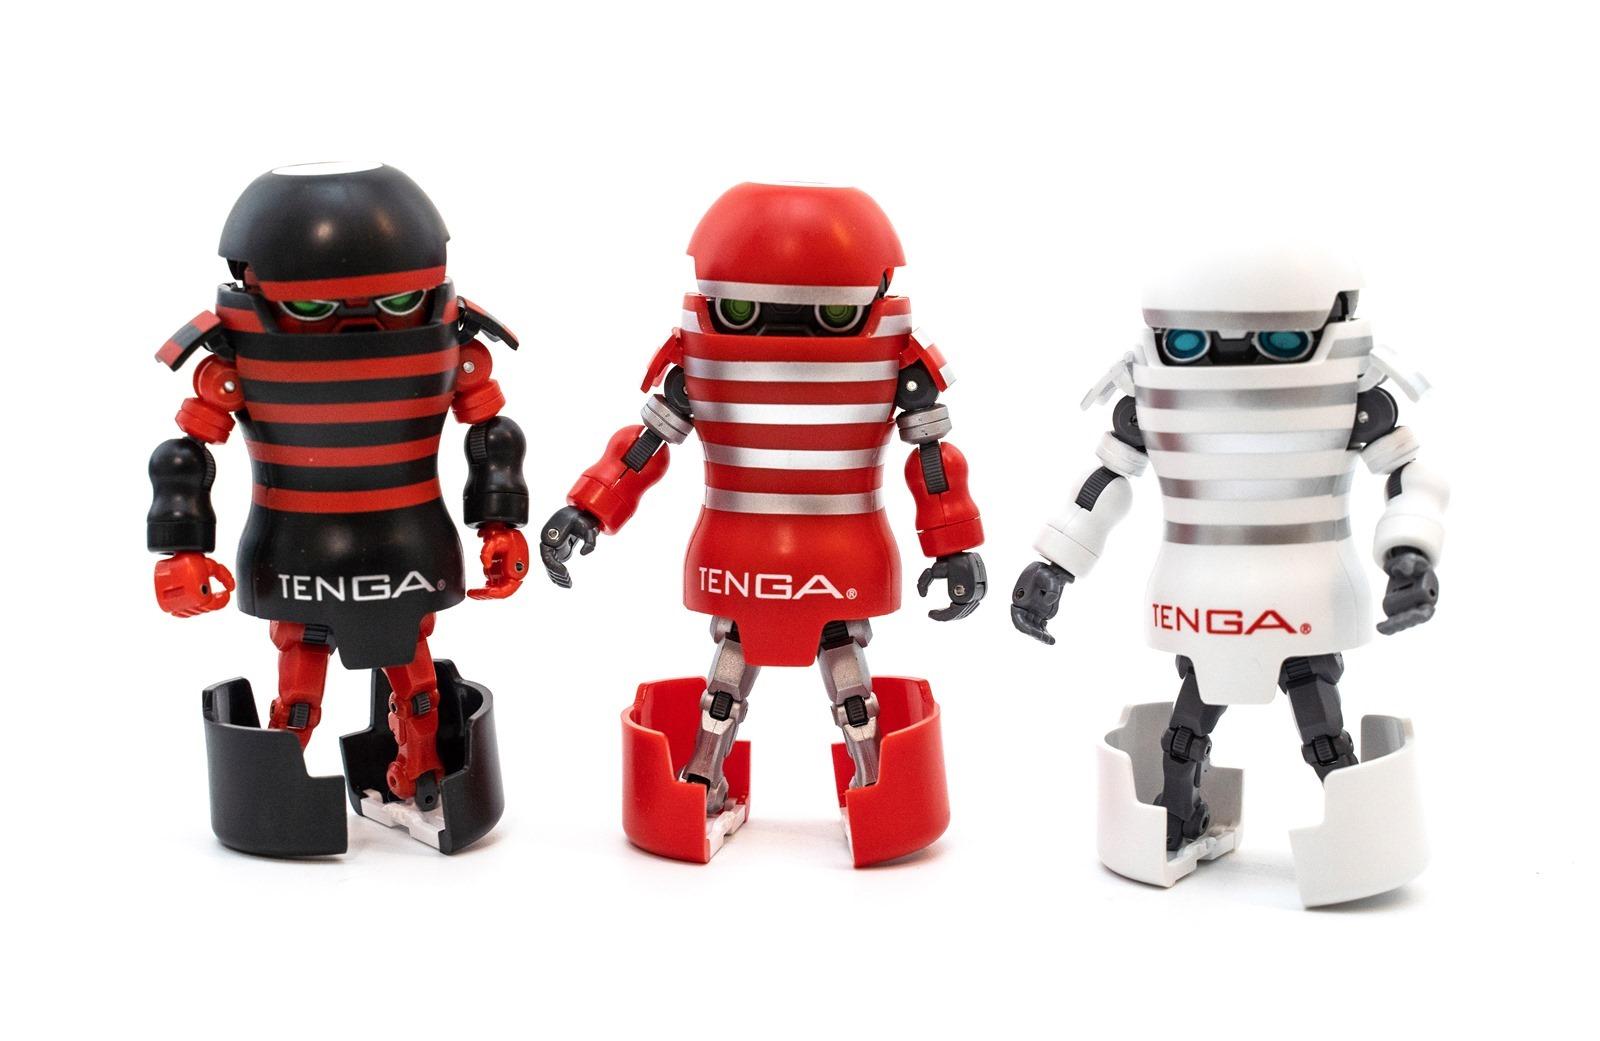 最壞壞與溫柔的 TENGA 機器人 HARD&SOFT 初回限定套裝開箱!一樣開箱沒有試用! @3C 達人廖阿輝